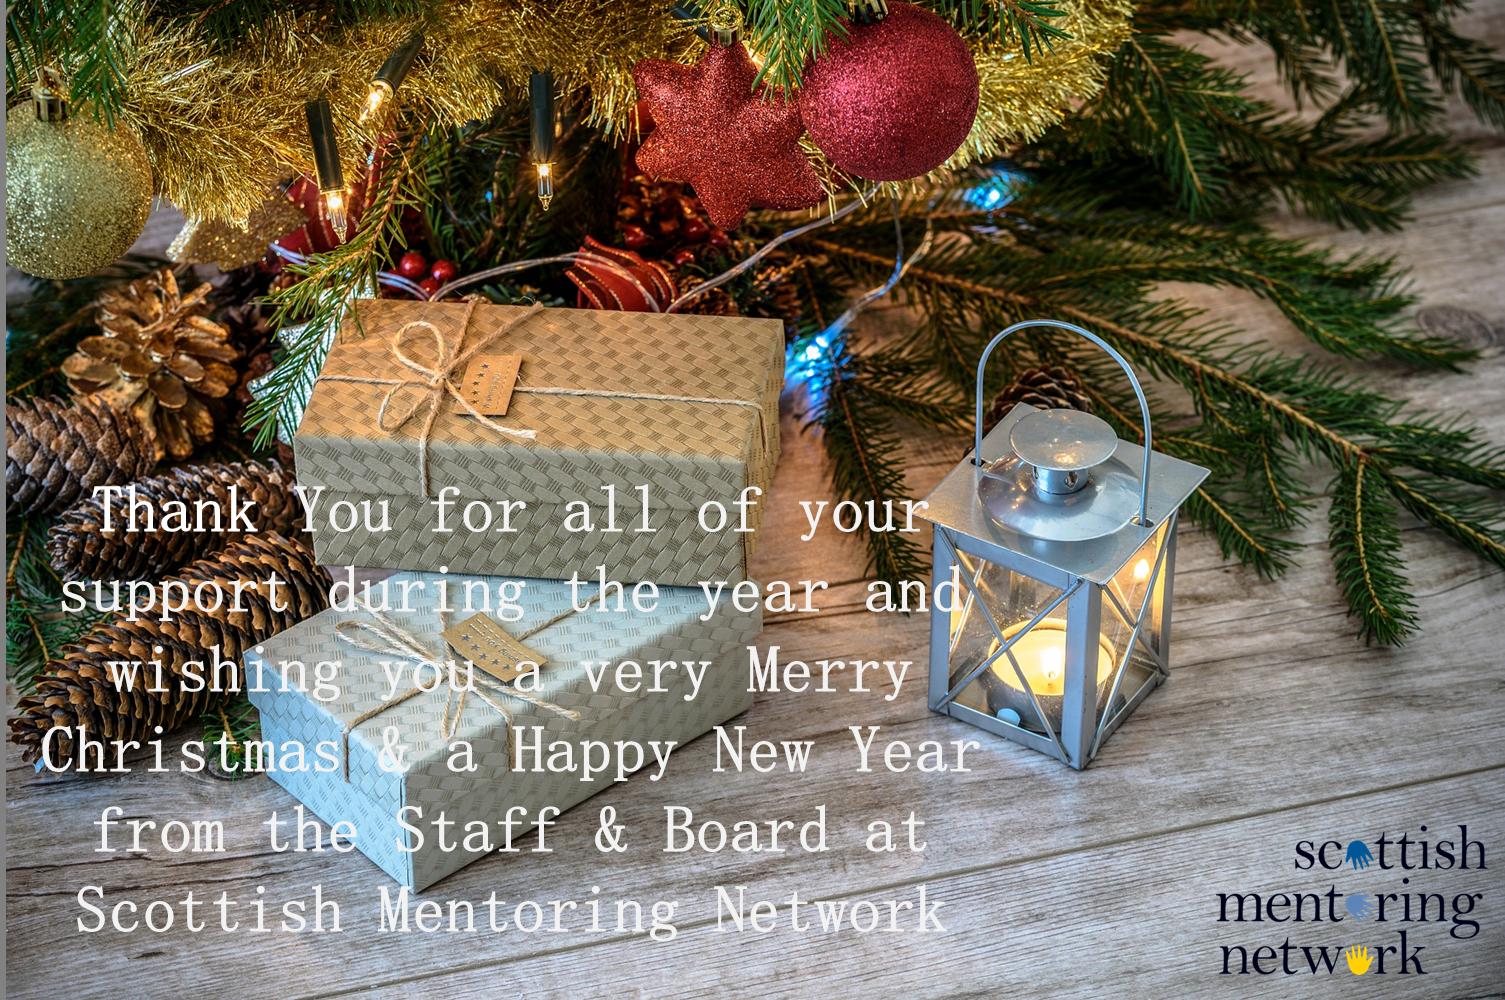 SMN: Season's Greetings from Scottish Mentoring Network